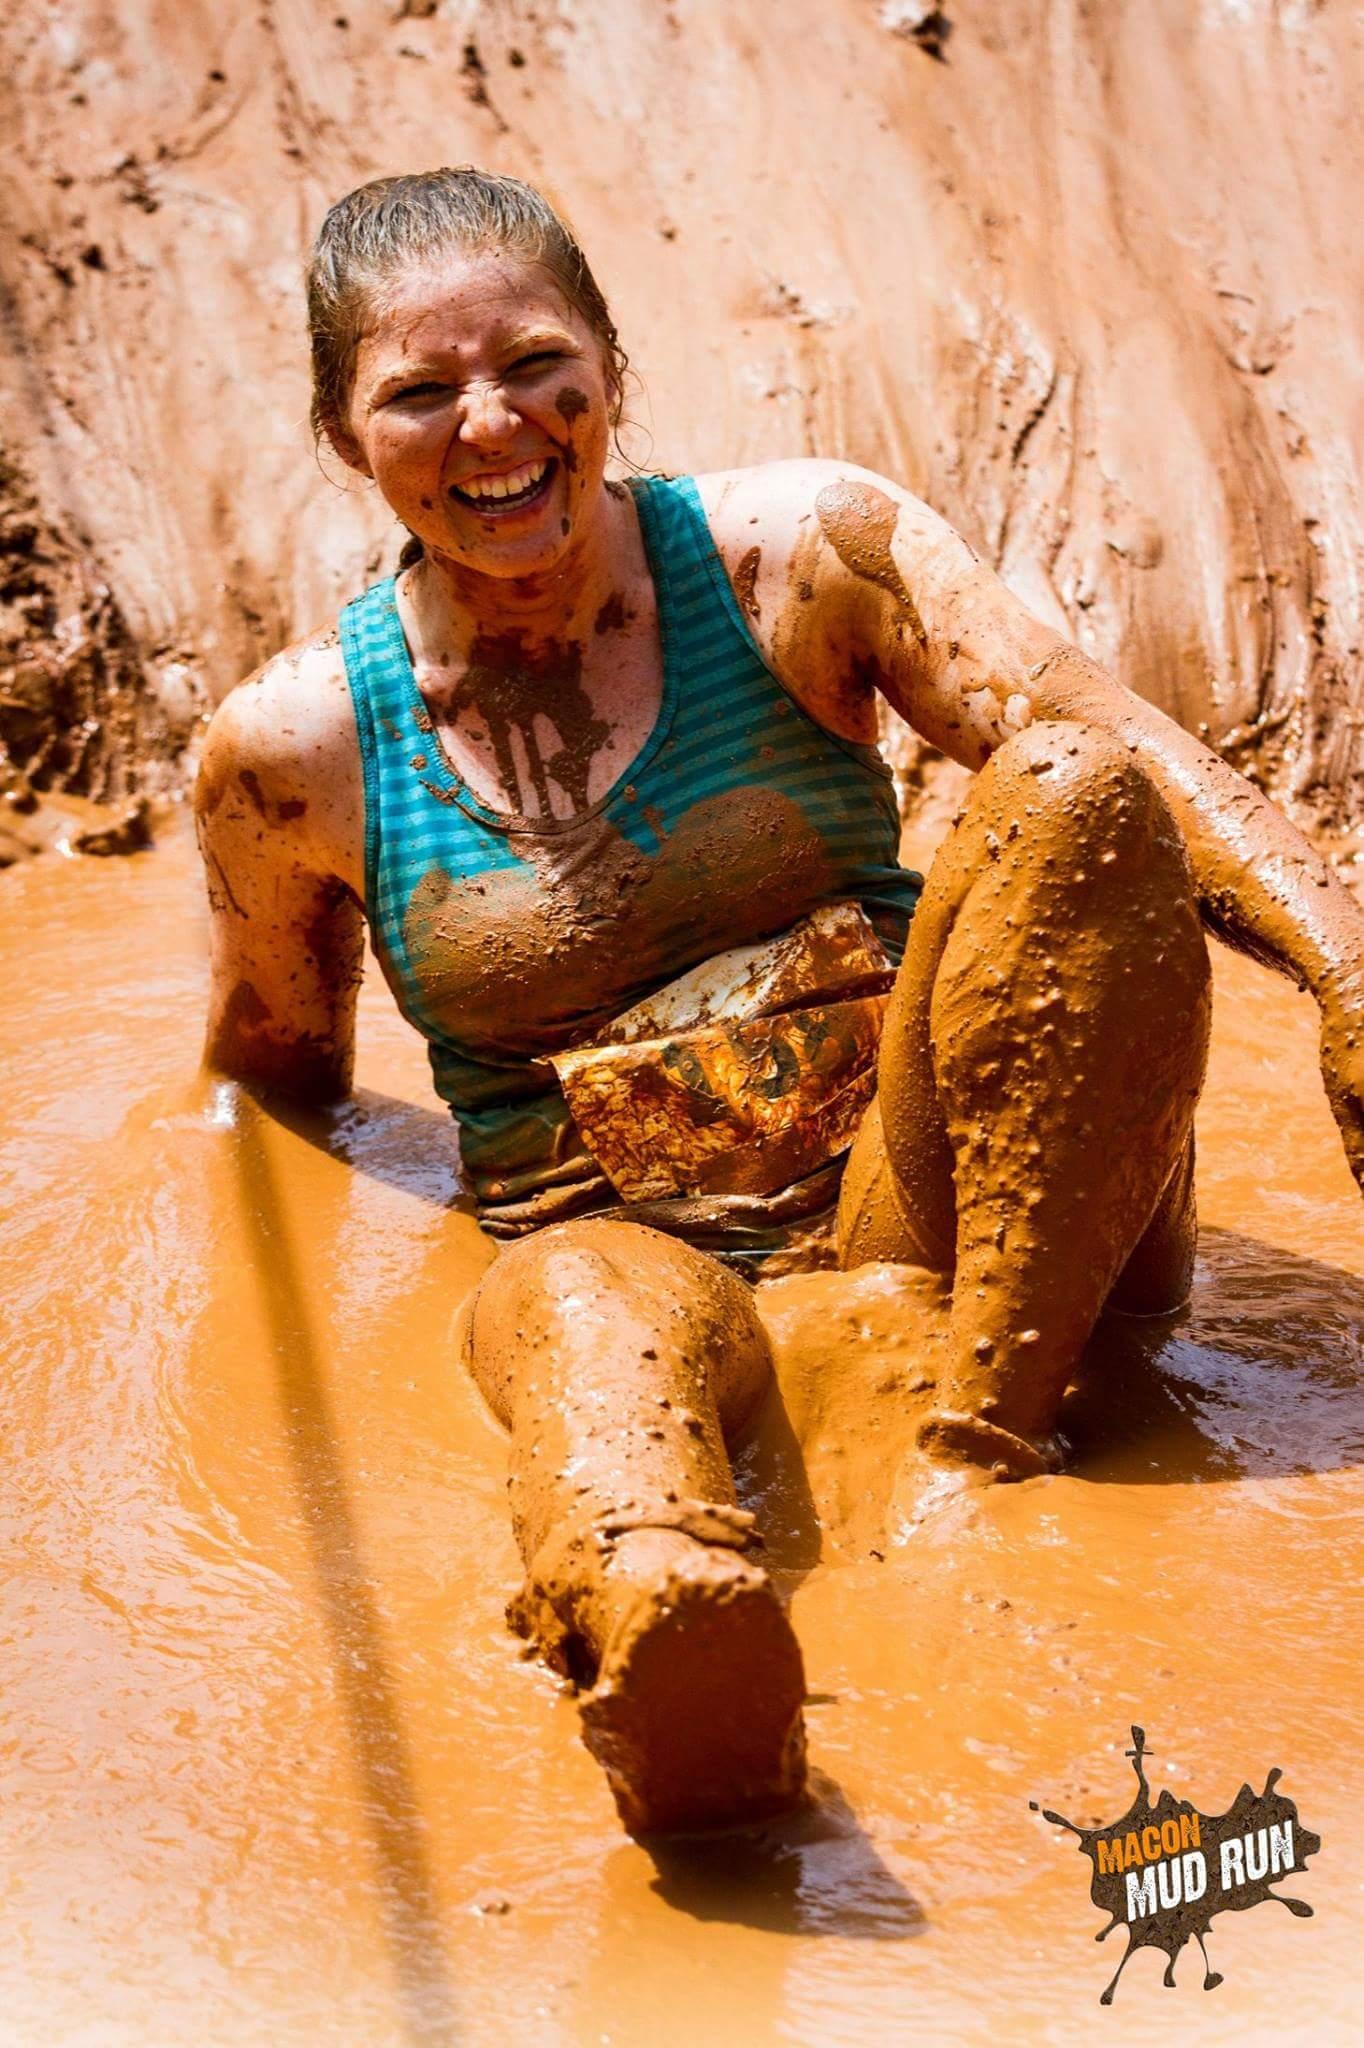 Macon-Mud-Run-2016-Mudslide